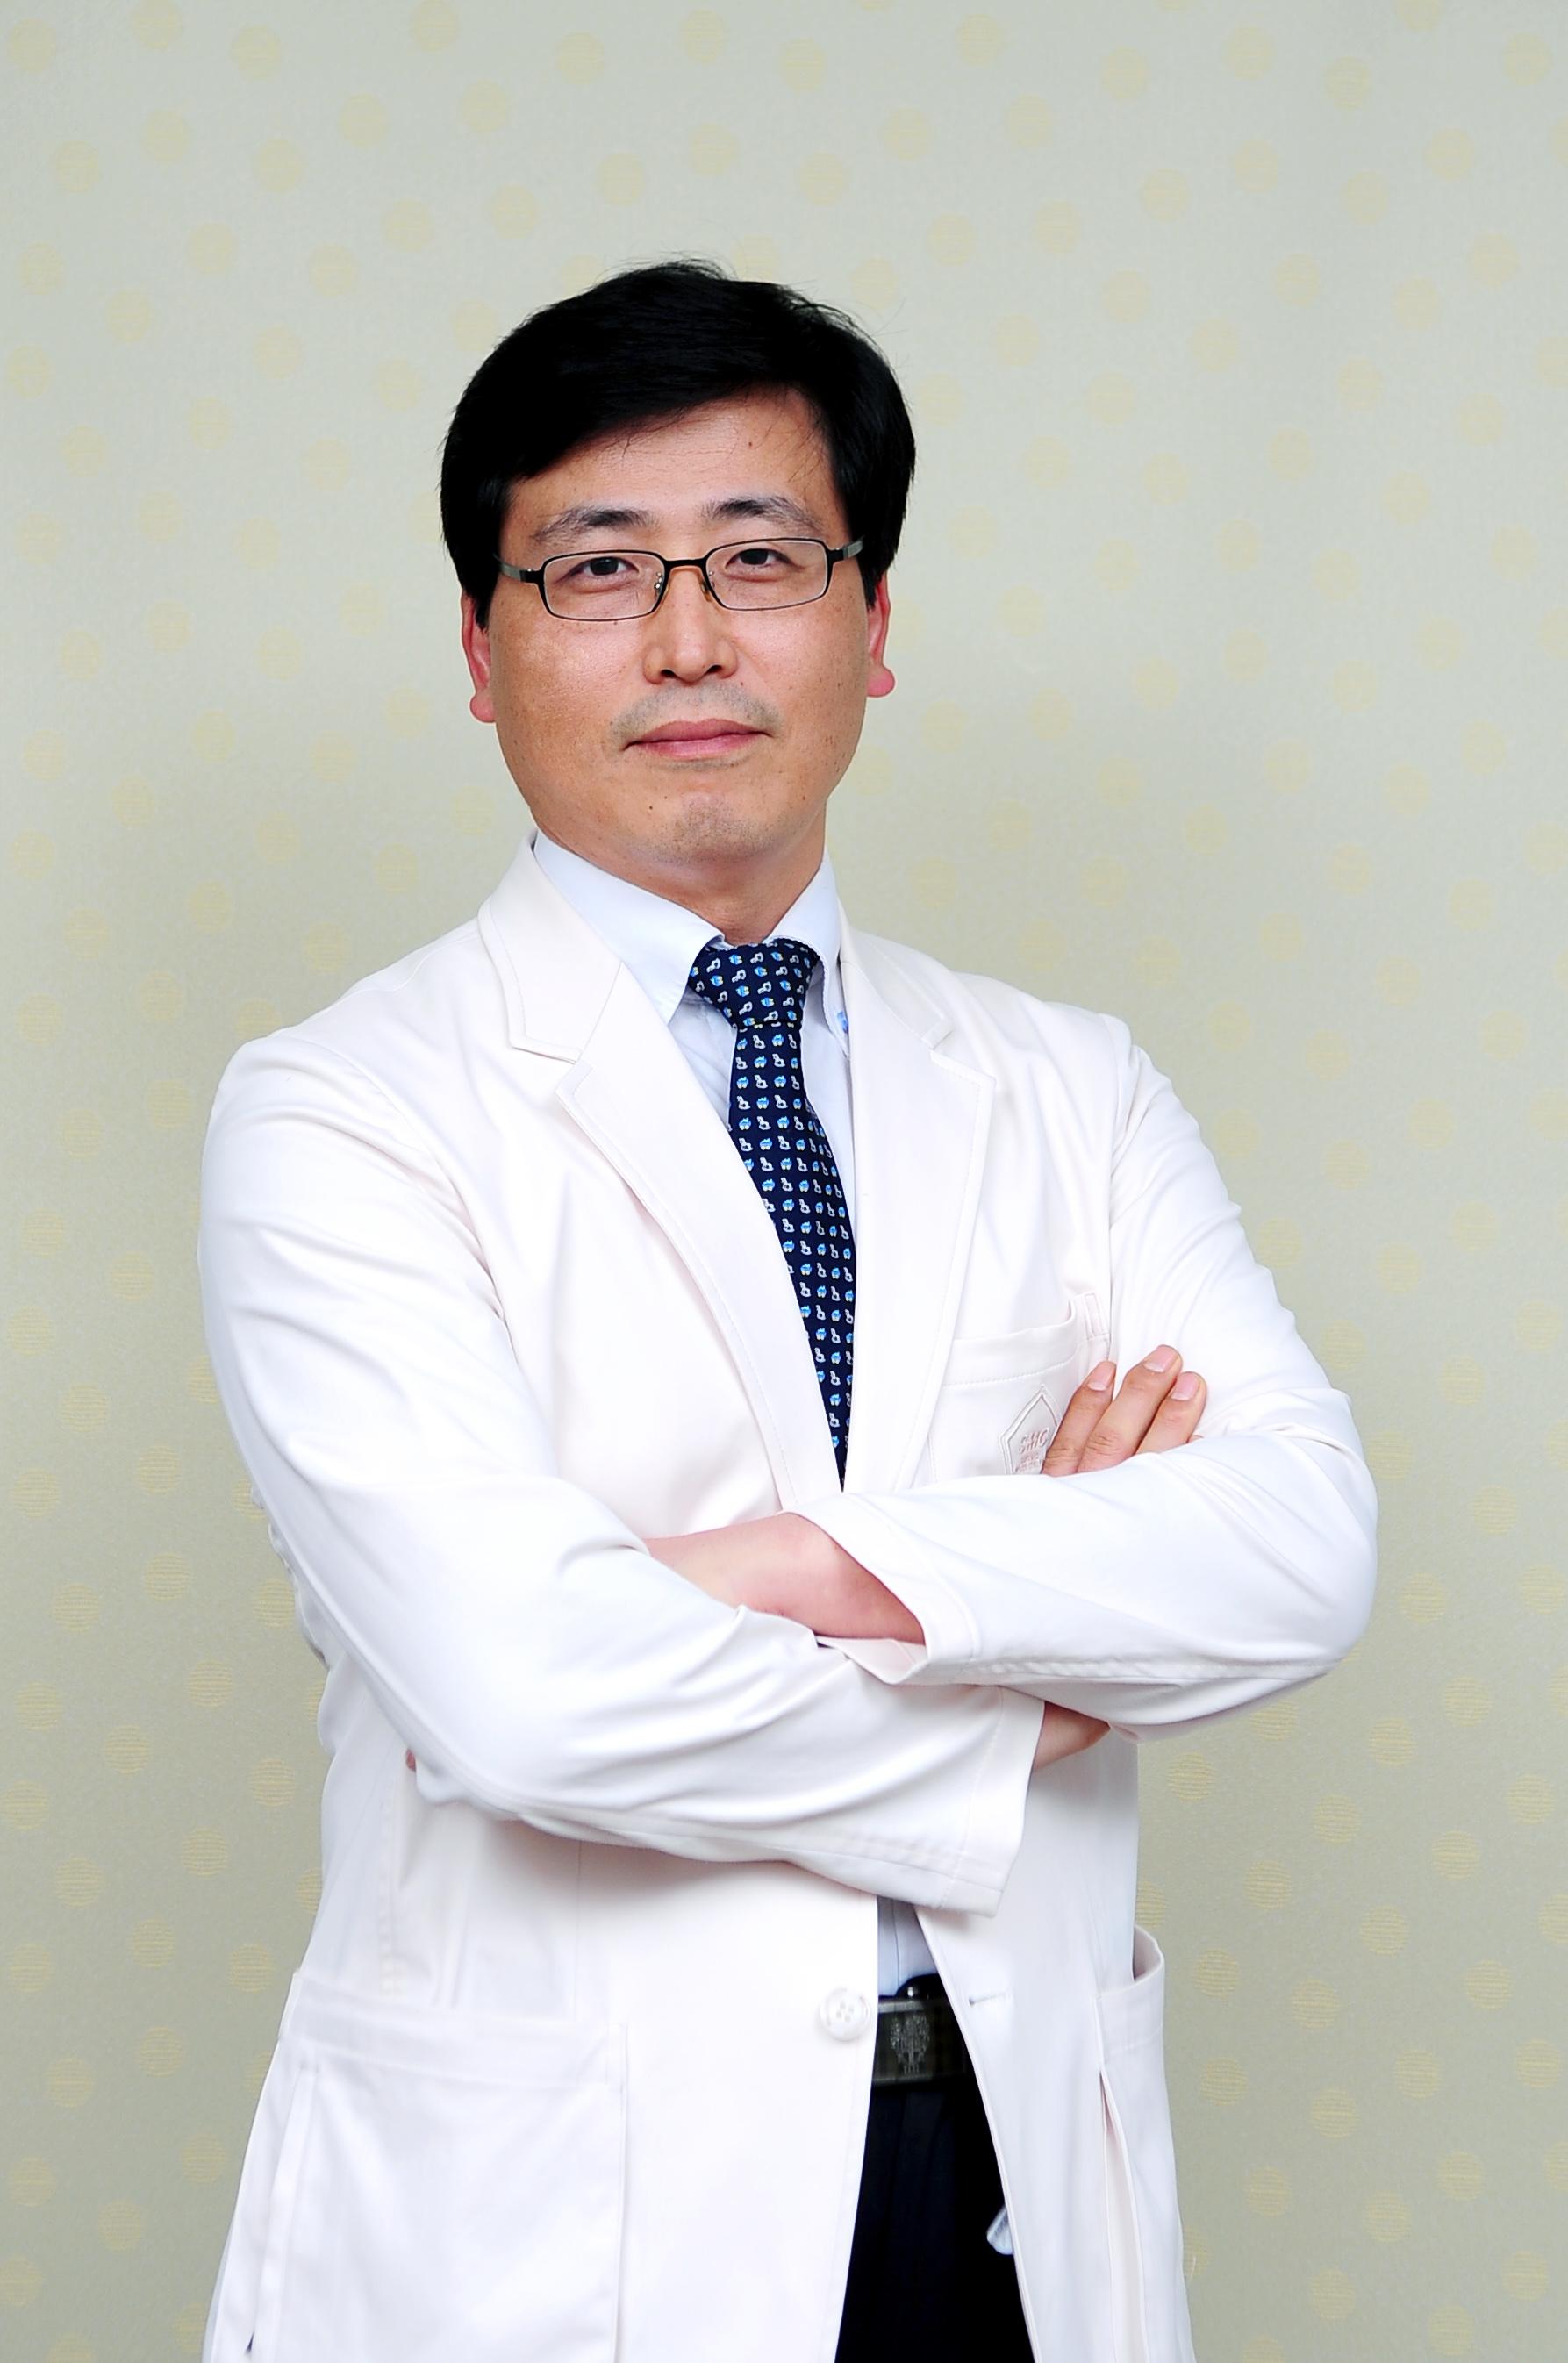 다발성경화증 확진까지 2.5년…조기 진단·치료 중요